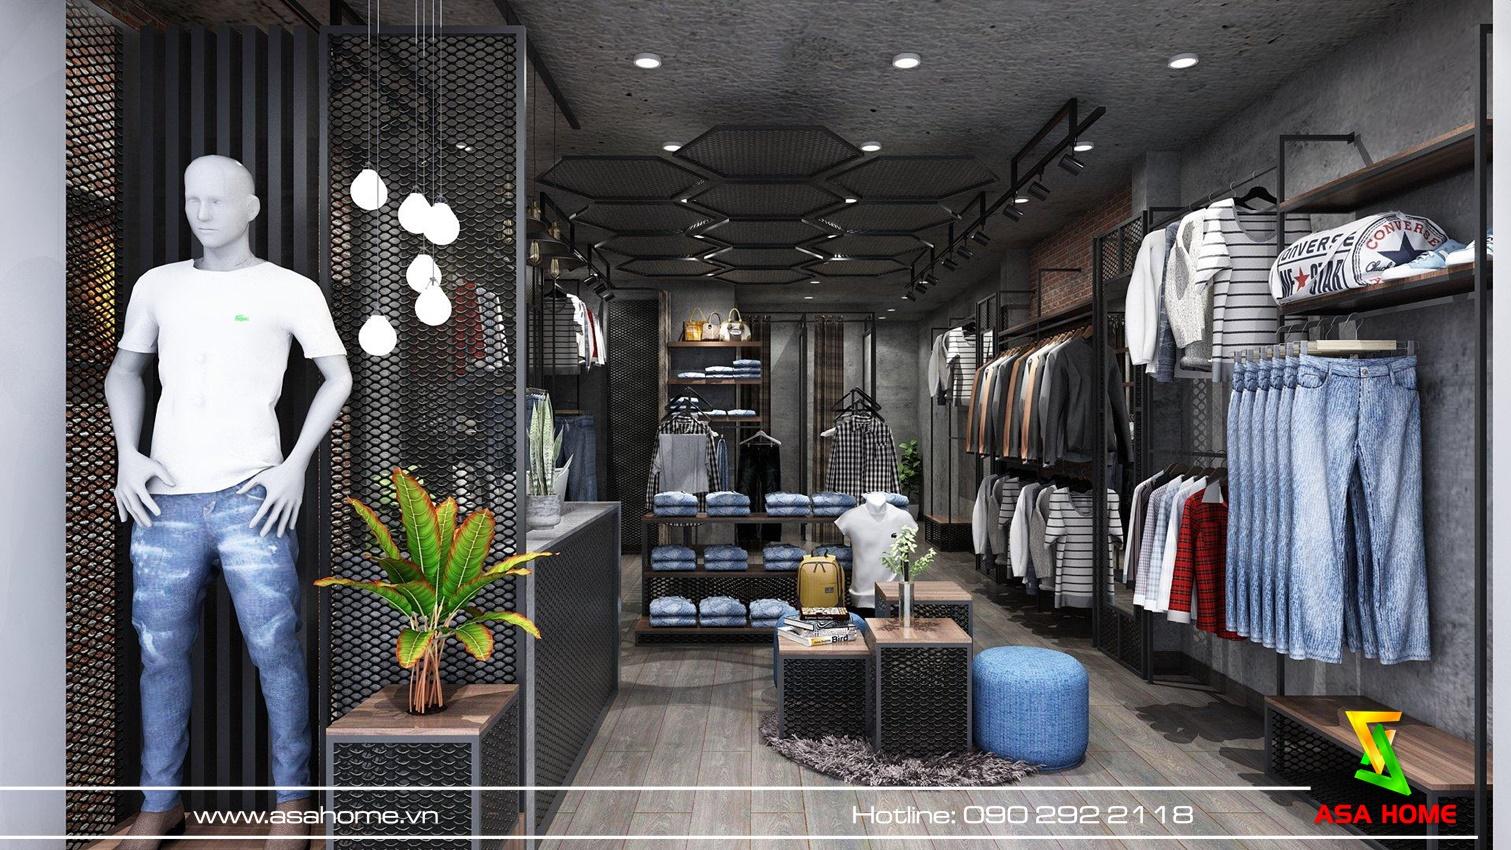 Sào treo quần áo ở chính giữa shop hài hòa với không gian nộ thất cửa hàng